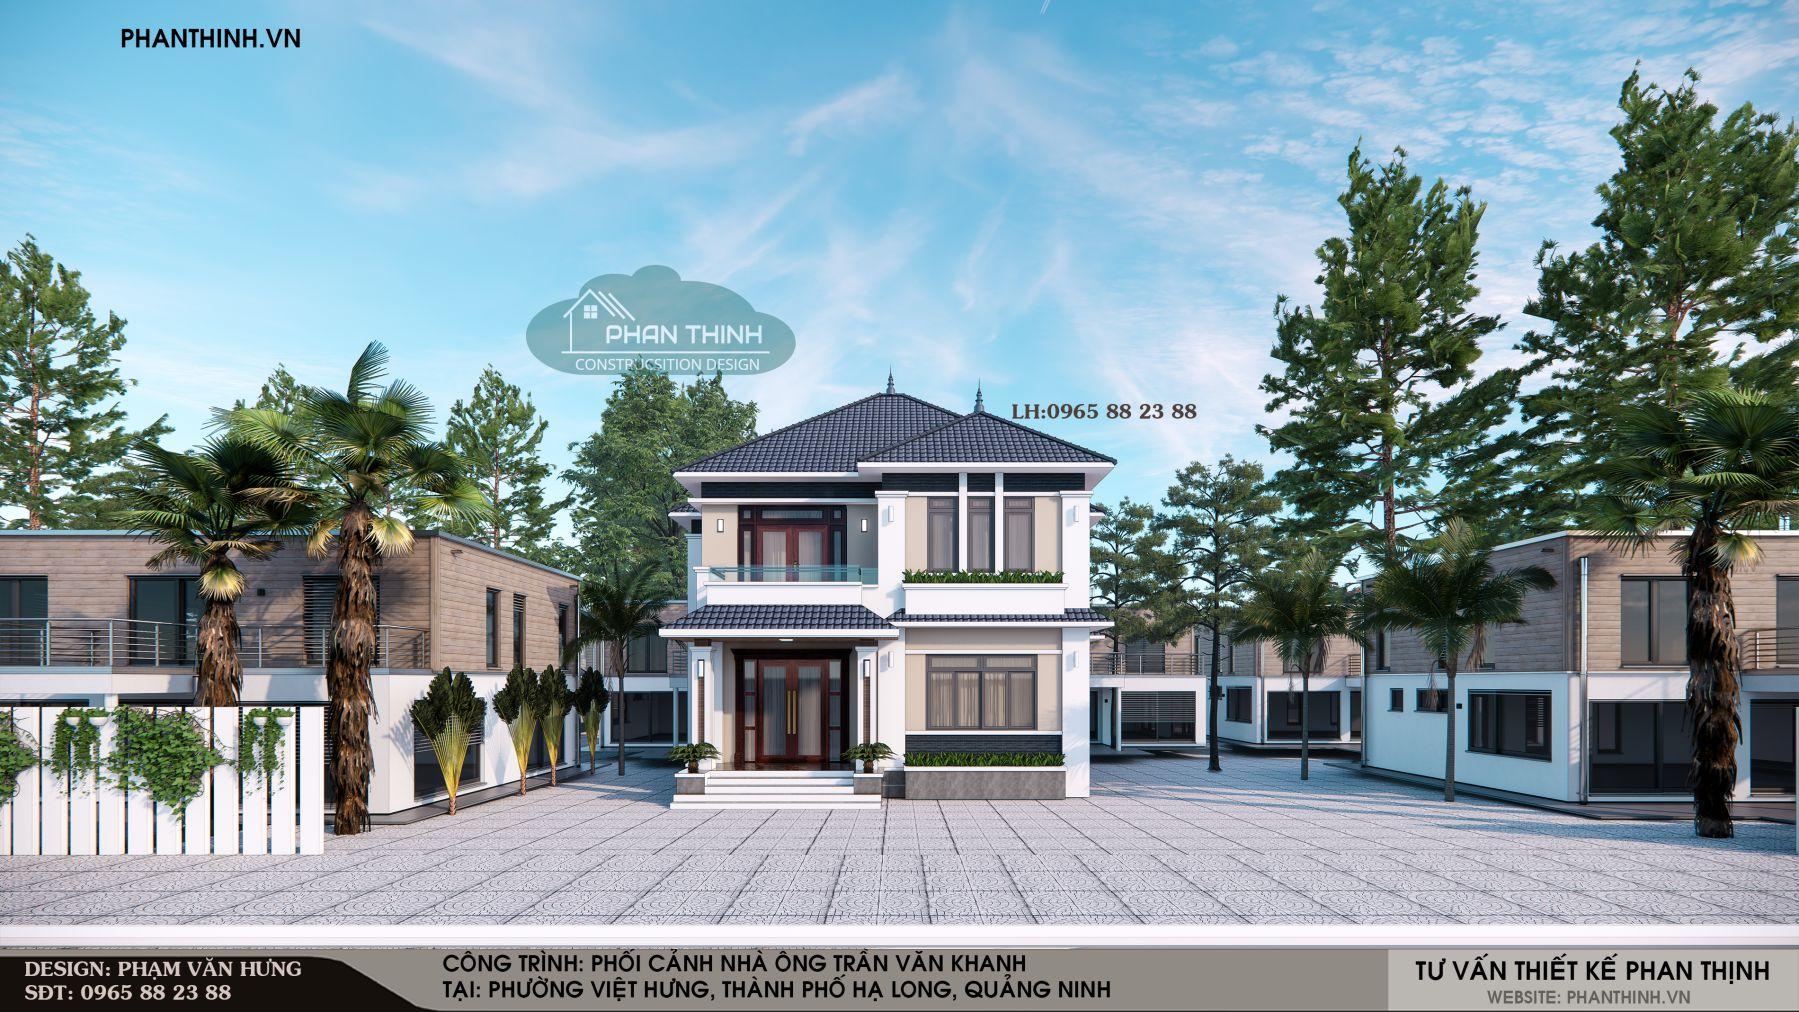 Mẫu mặt tiền căn nhà 2 tầng mái thái đẹp tại Hạ Long Quảng Ninh